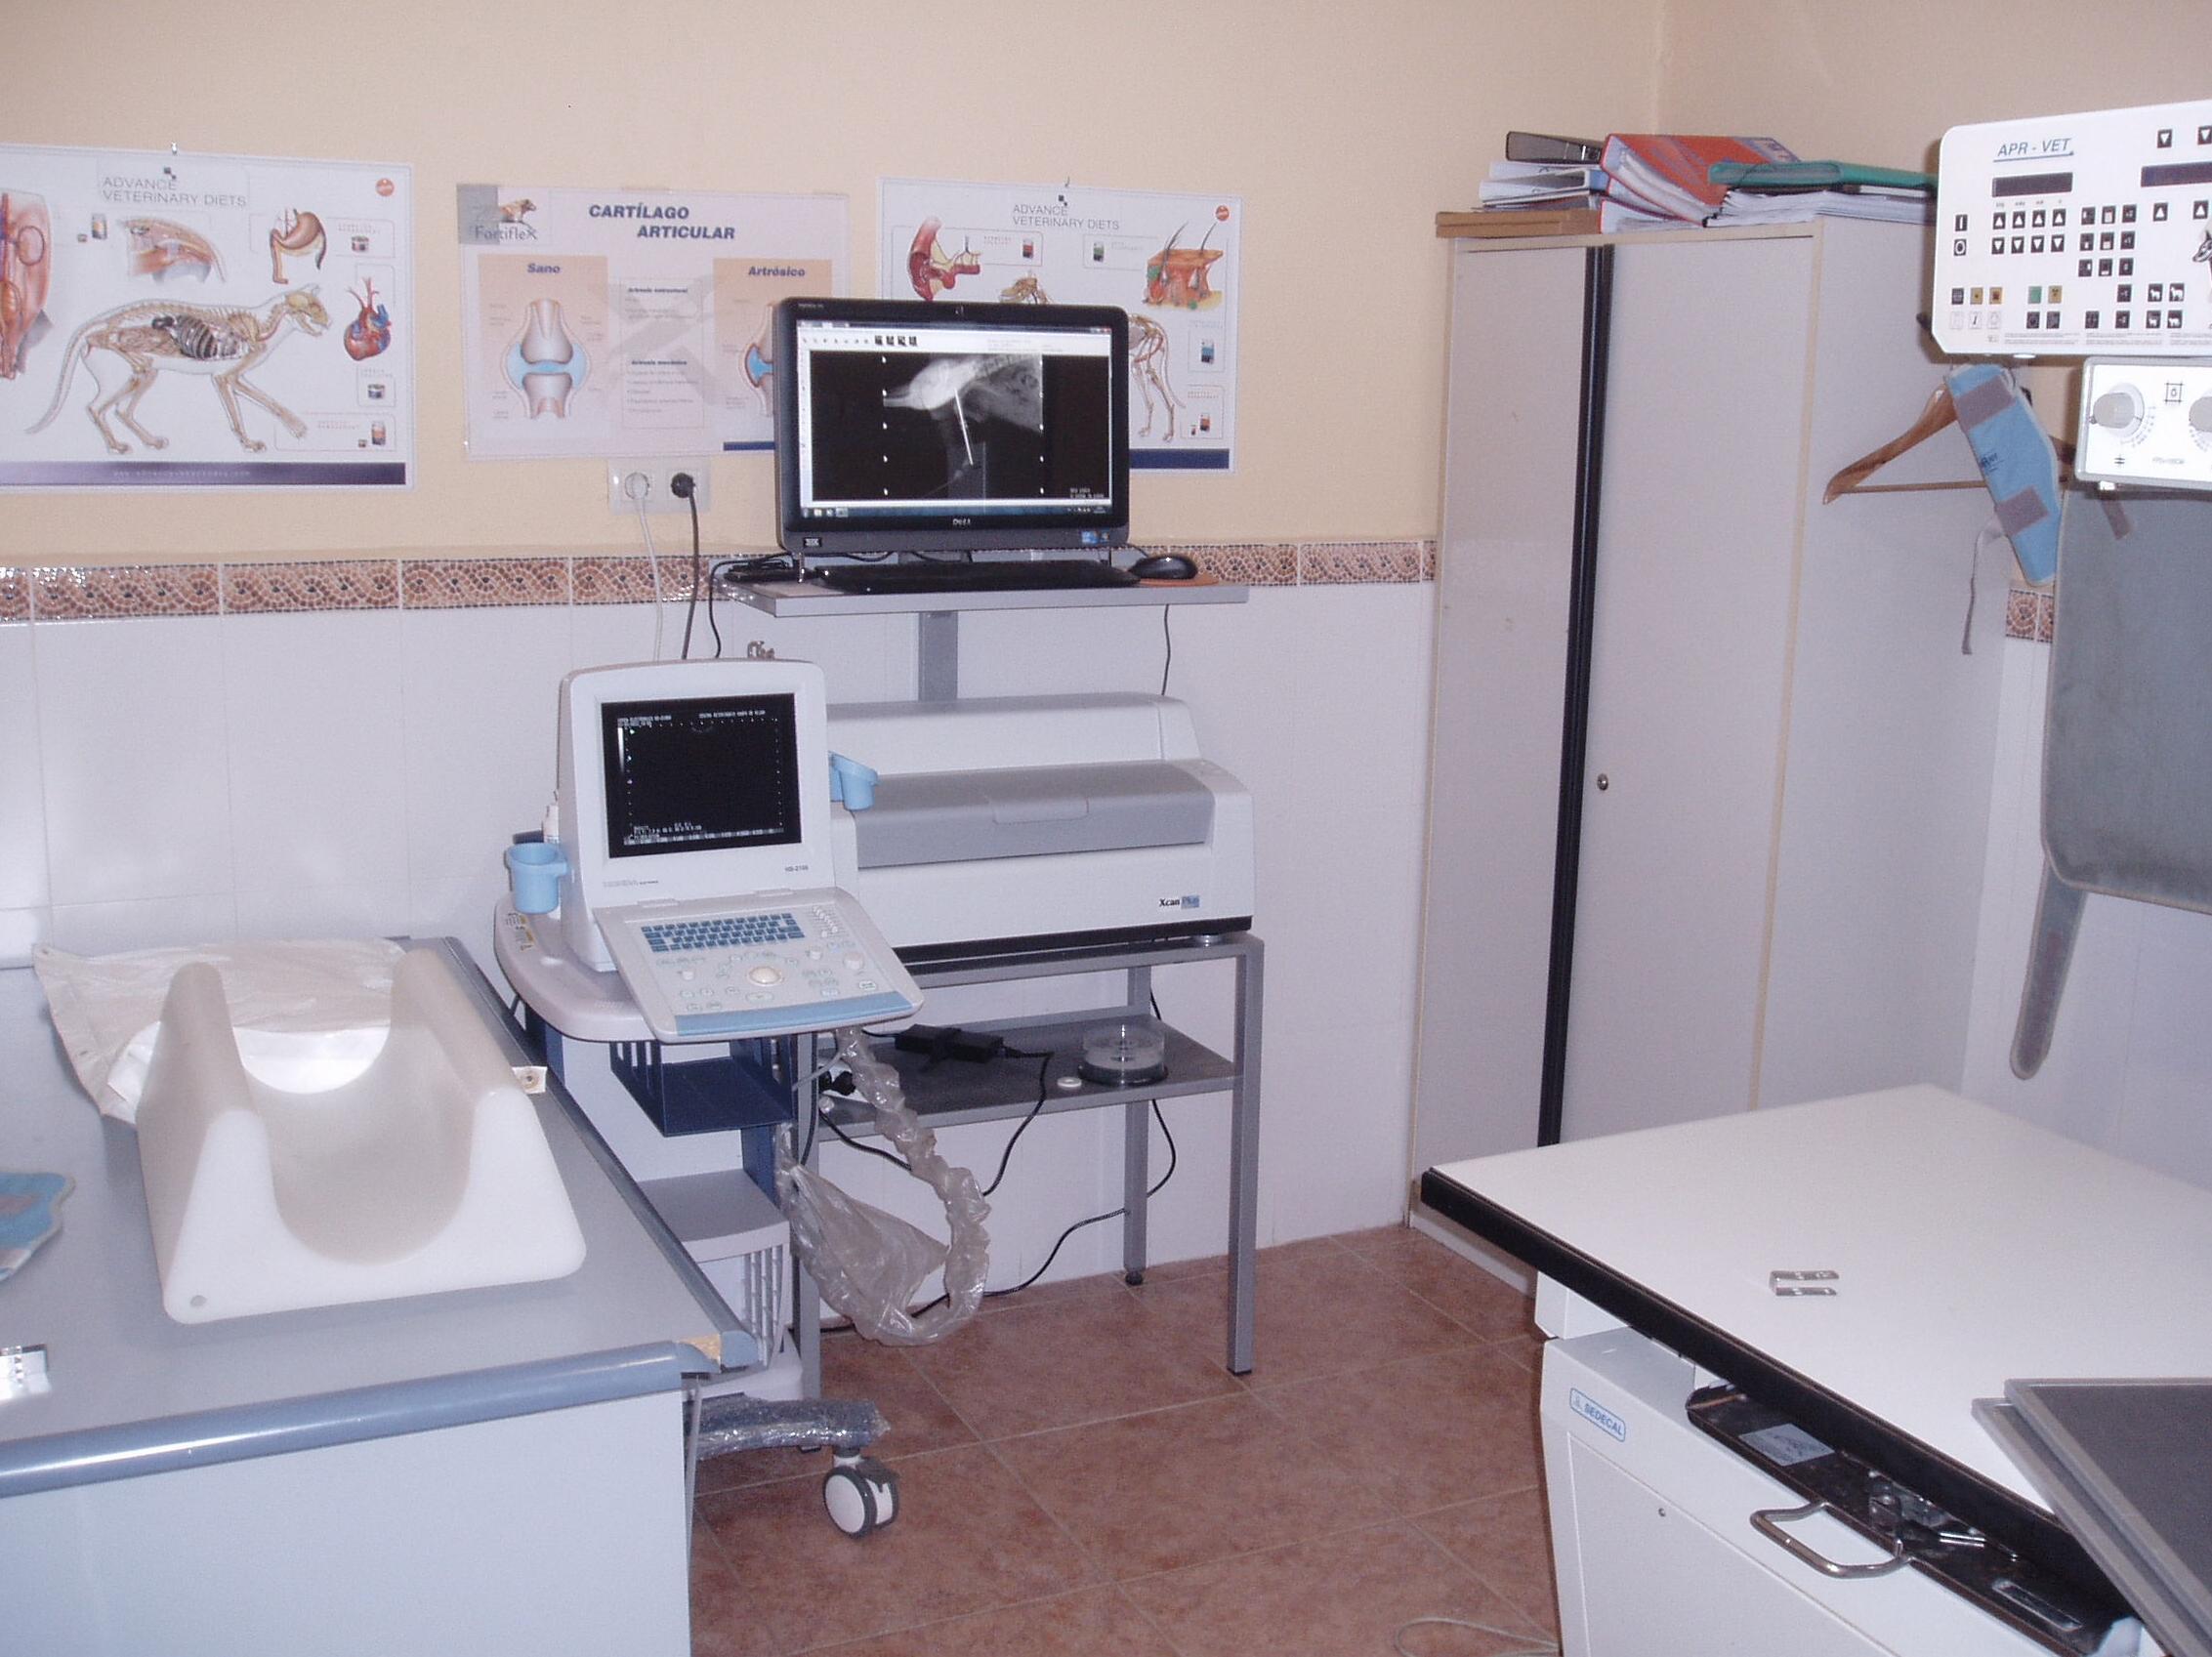 sala de diagnóstico por imagen, aparato de radiologia de alta frecuencia, sistema de revelado digital, y ecografo